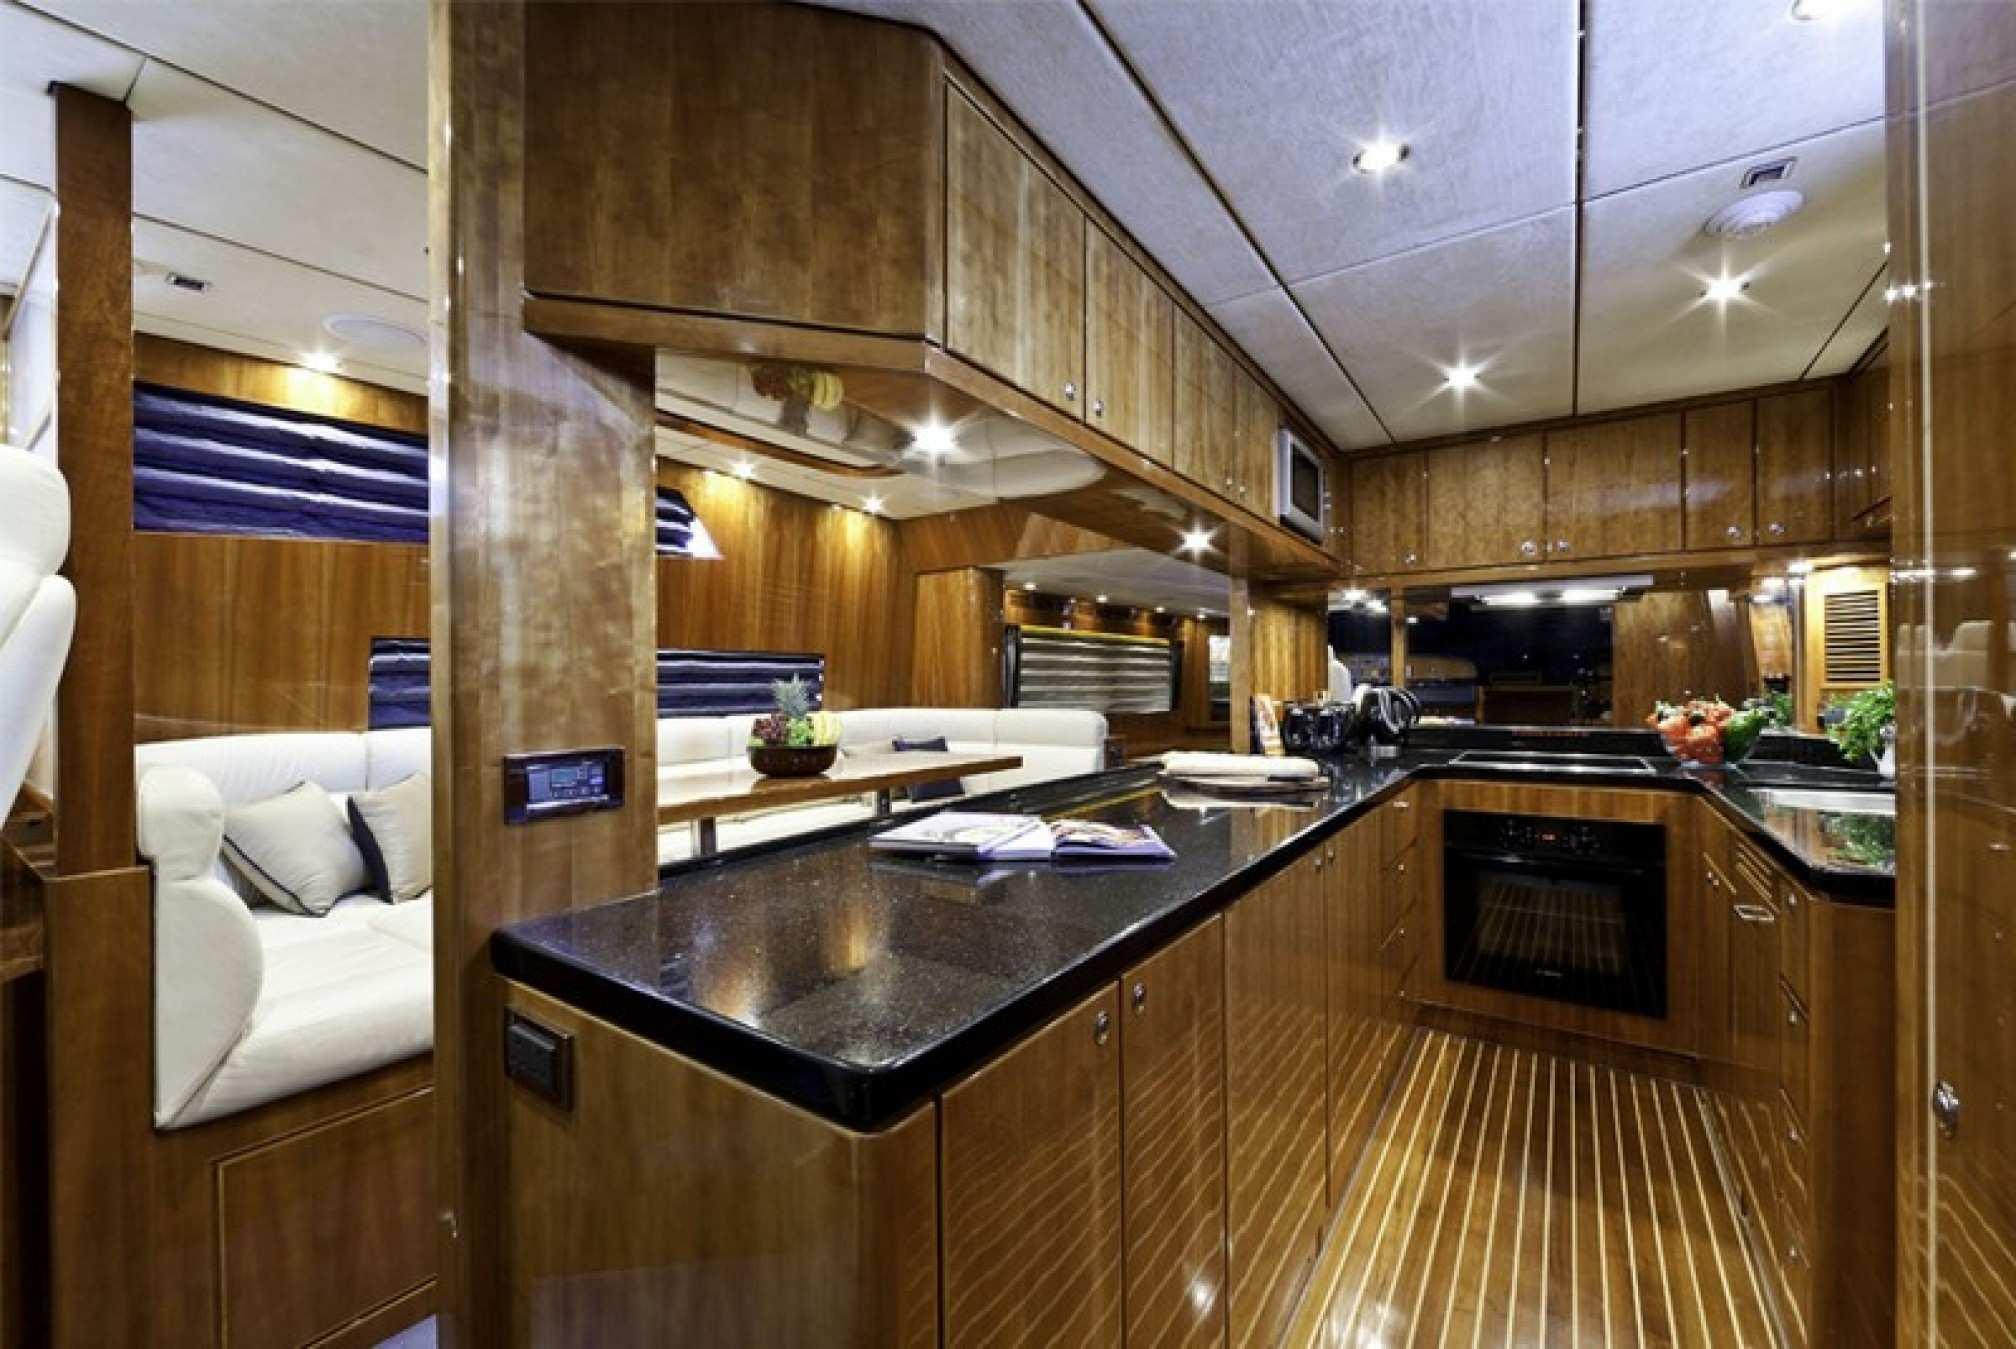 Montefino 78 charter yacht kitchen